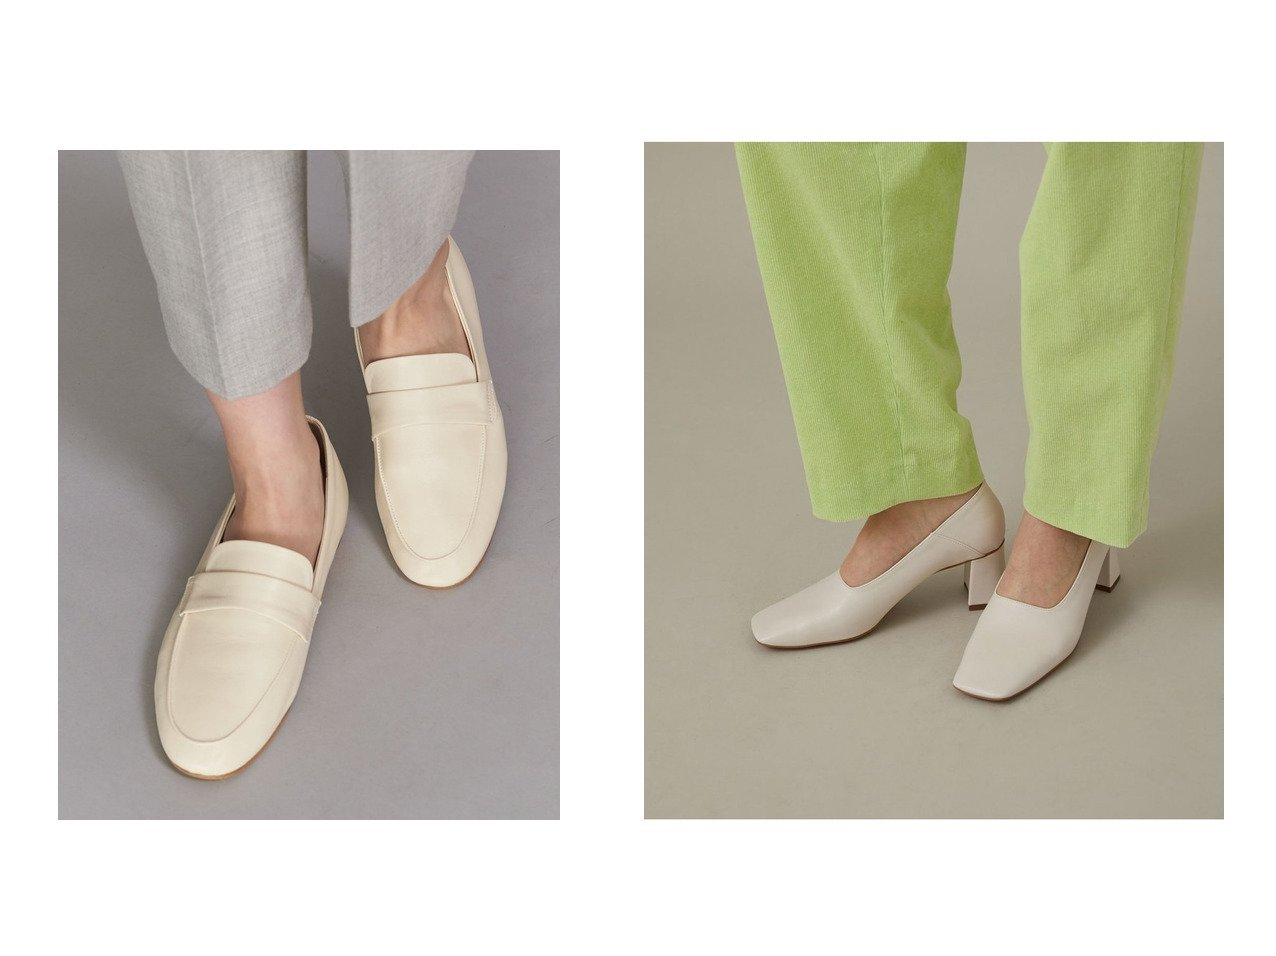 【BEAUTY&YOUTH UNITED ARROWS/ビューティアンド ユースユナイテッドアローズ】のBY レザーソフトローファー&【Adam et Rope/アダム エ ロペ】のブロックヒールスクエアシューズ シューズ・靴のおすすめ!人気、トレンド・レディースファッションの通販 おすすめで人気の流行・トレンド、ファッションの通販商品 メンズファッション・キッズファッション・インテリア・家具・レディースファッション・服の通販 founy(ファニー) https://founy.com/ ファッション Fashion レディースファッション WOMEN A/W 秋冬 AW Autumn/Winter / FW Fall-Winter シューズ フォルム ブロック 今季 定番 Standard ドレス  ID:crp329100000014032